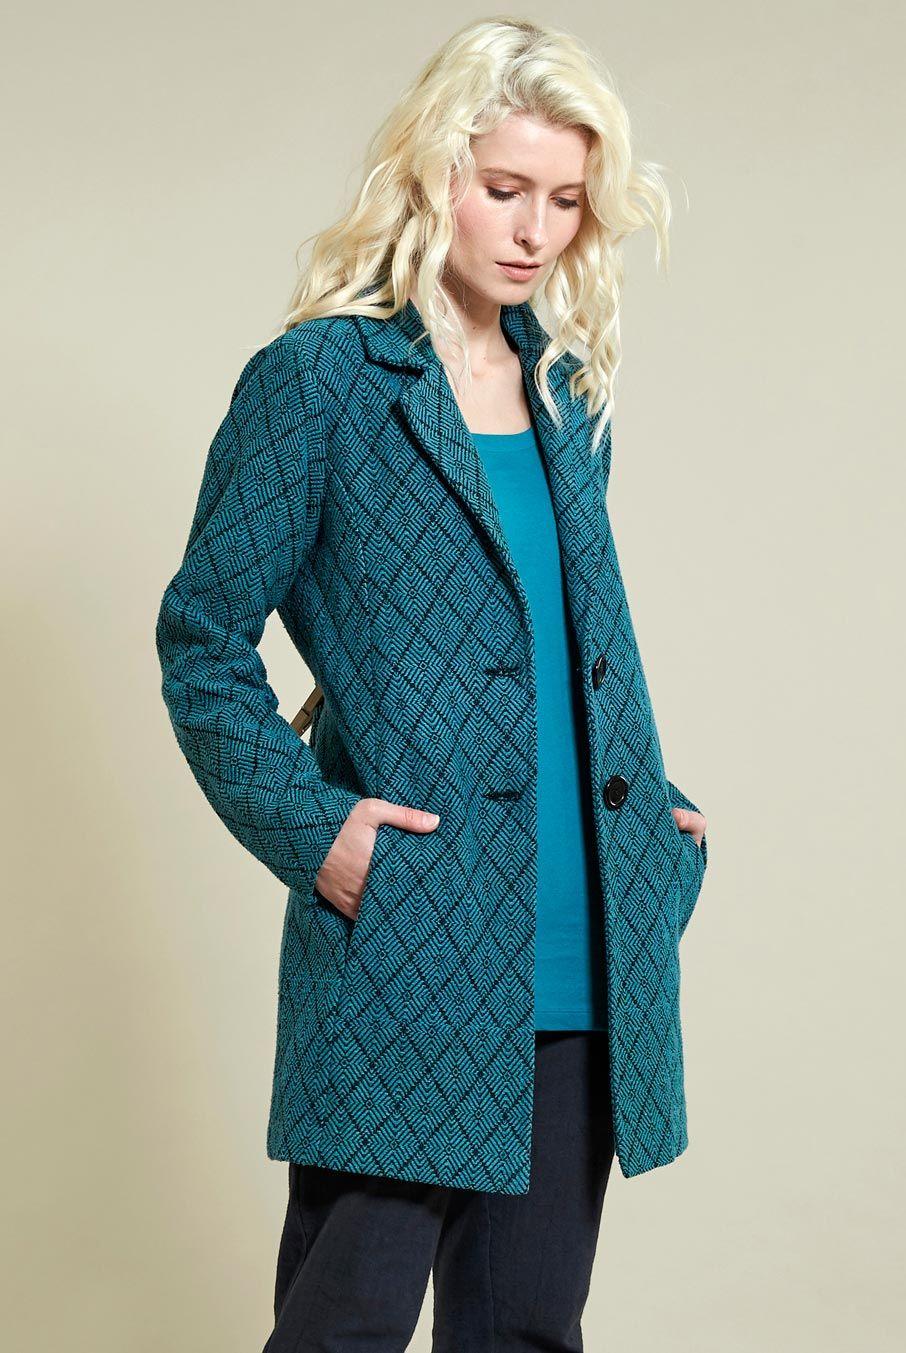 a6eff3c859f08 Coats   Jackets - Nomads Clothing